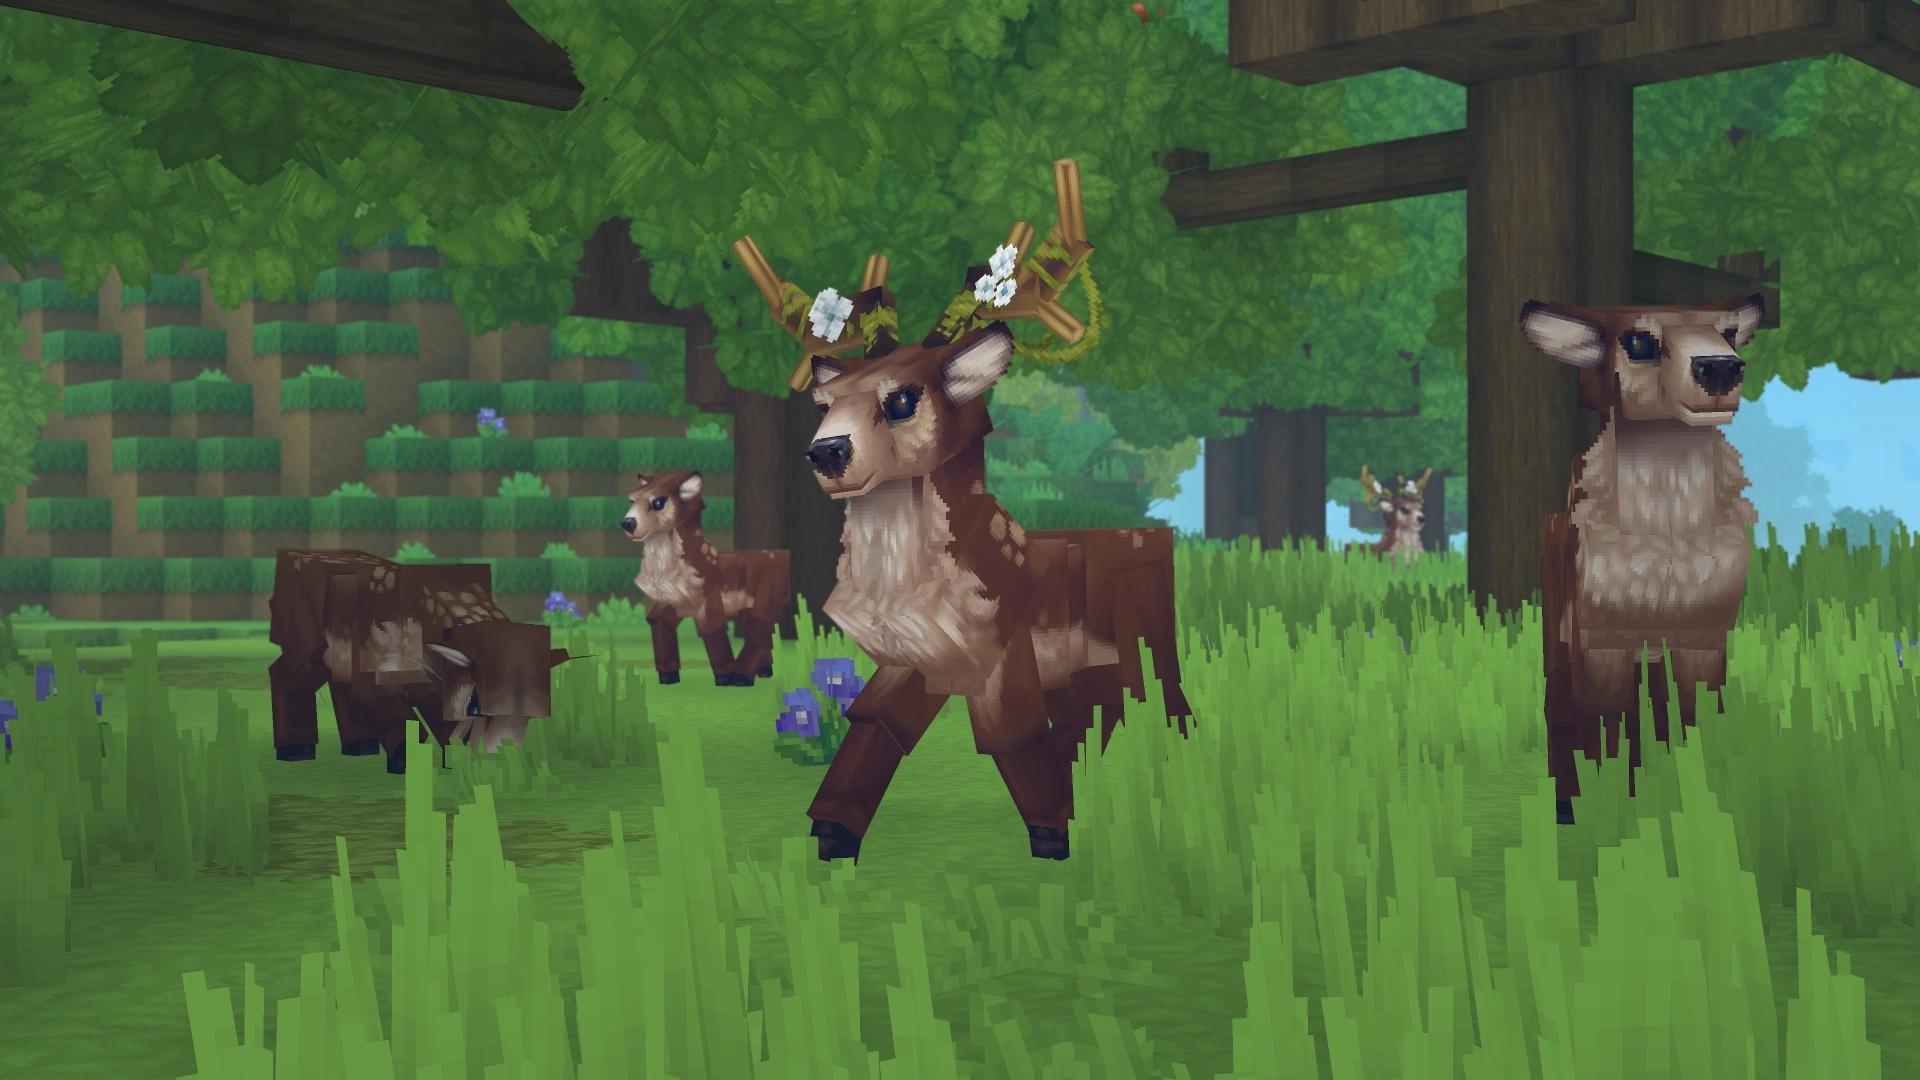 Des cerfs et biches en famille au milieu de la verdoyante forêt.